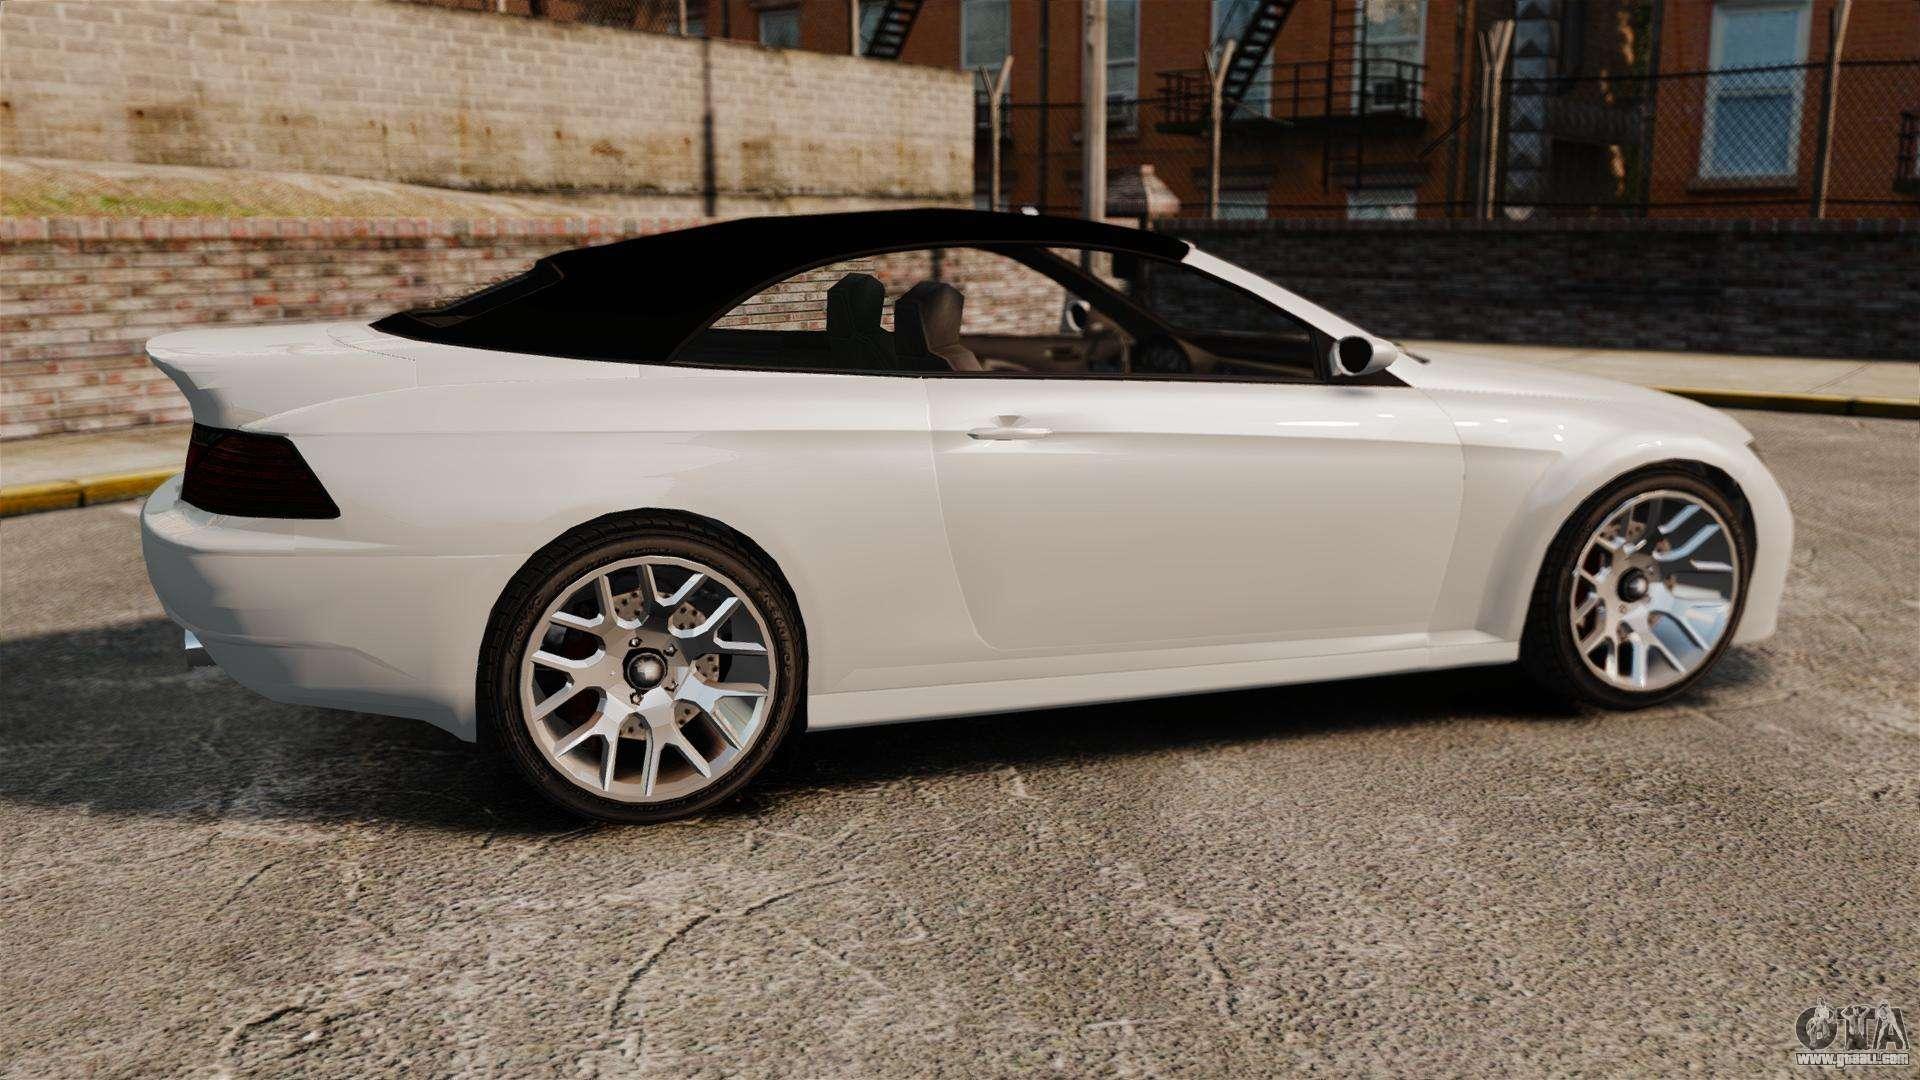 GTA V Zion XS Cabrio [Update] for GTA 4 Ubermacht Zion Cabrio Gta 5